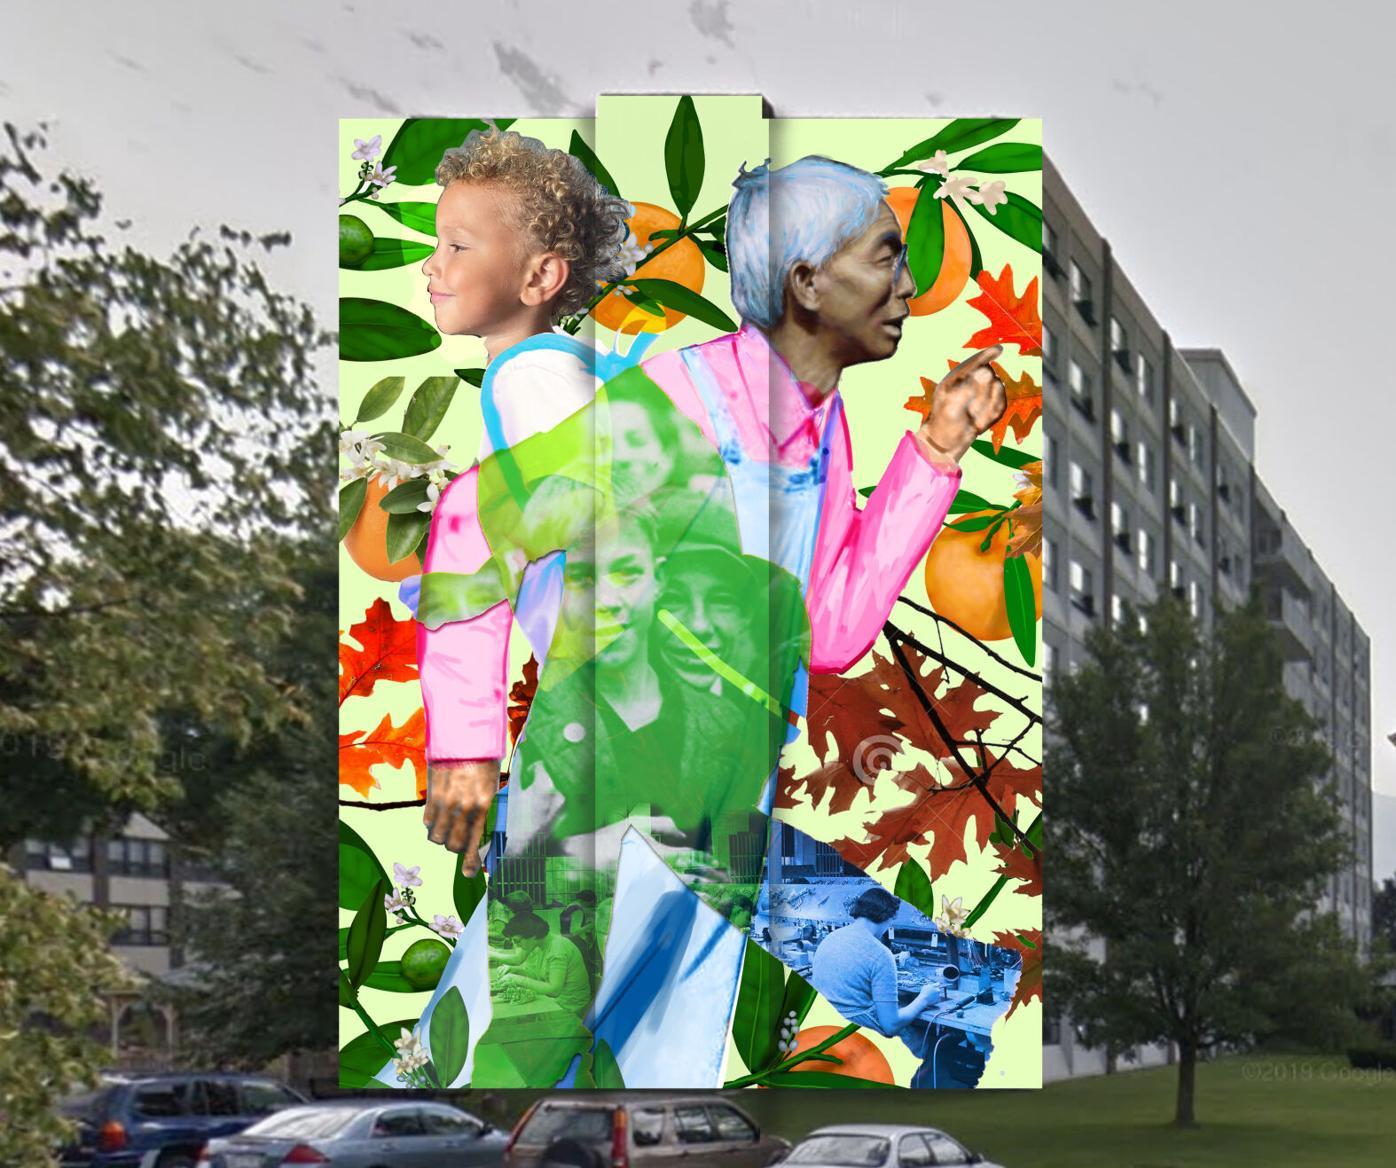 Ashland Street mural rendering